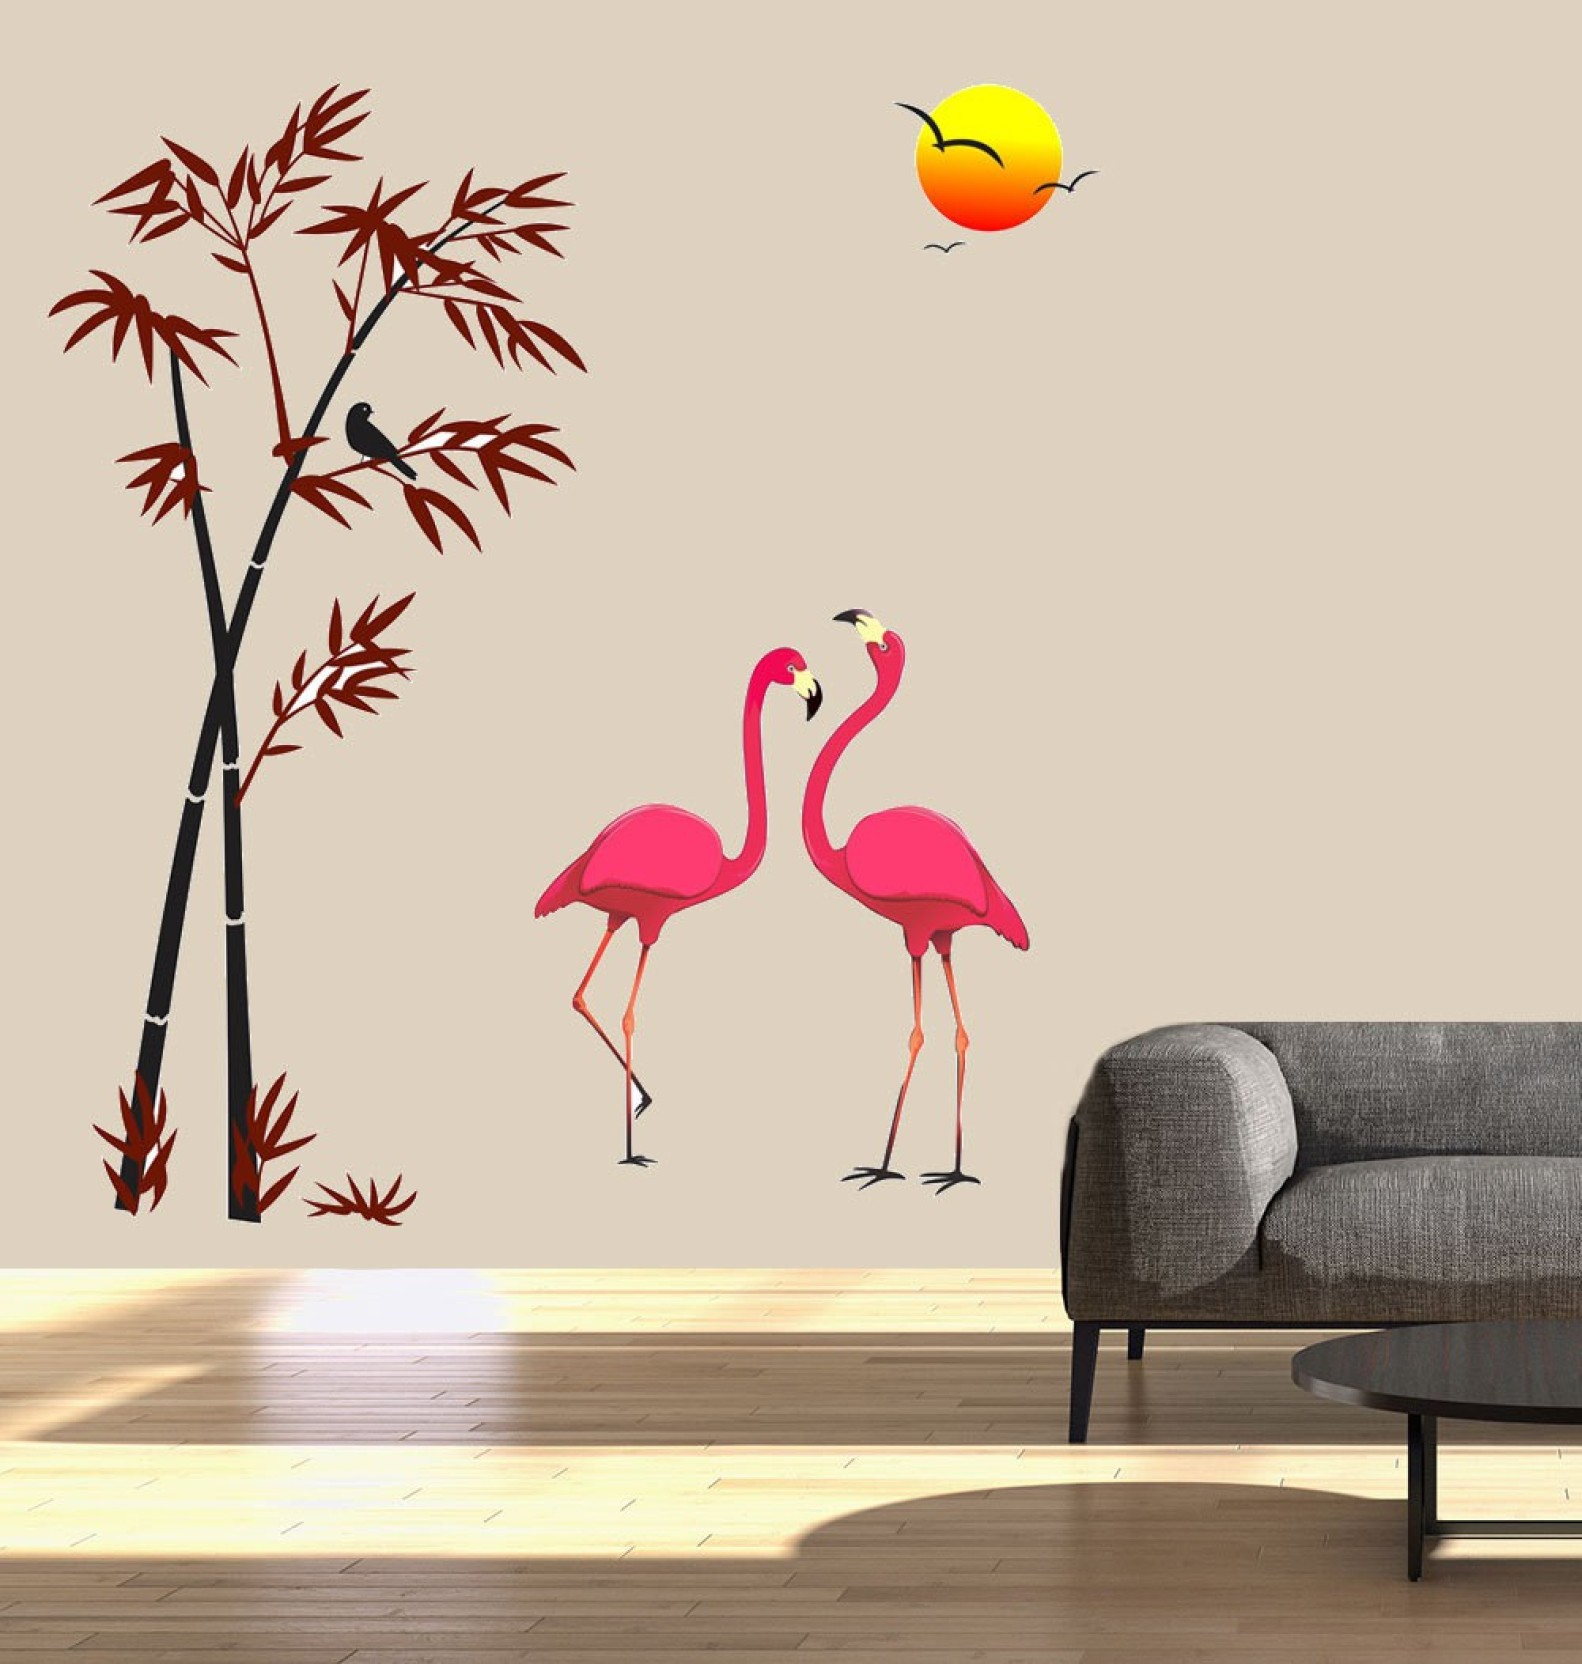 Wallpaper Decals